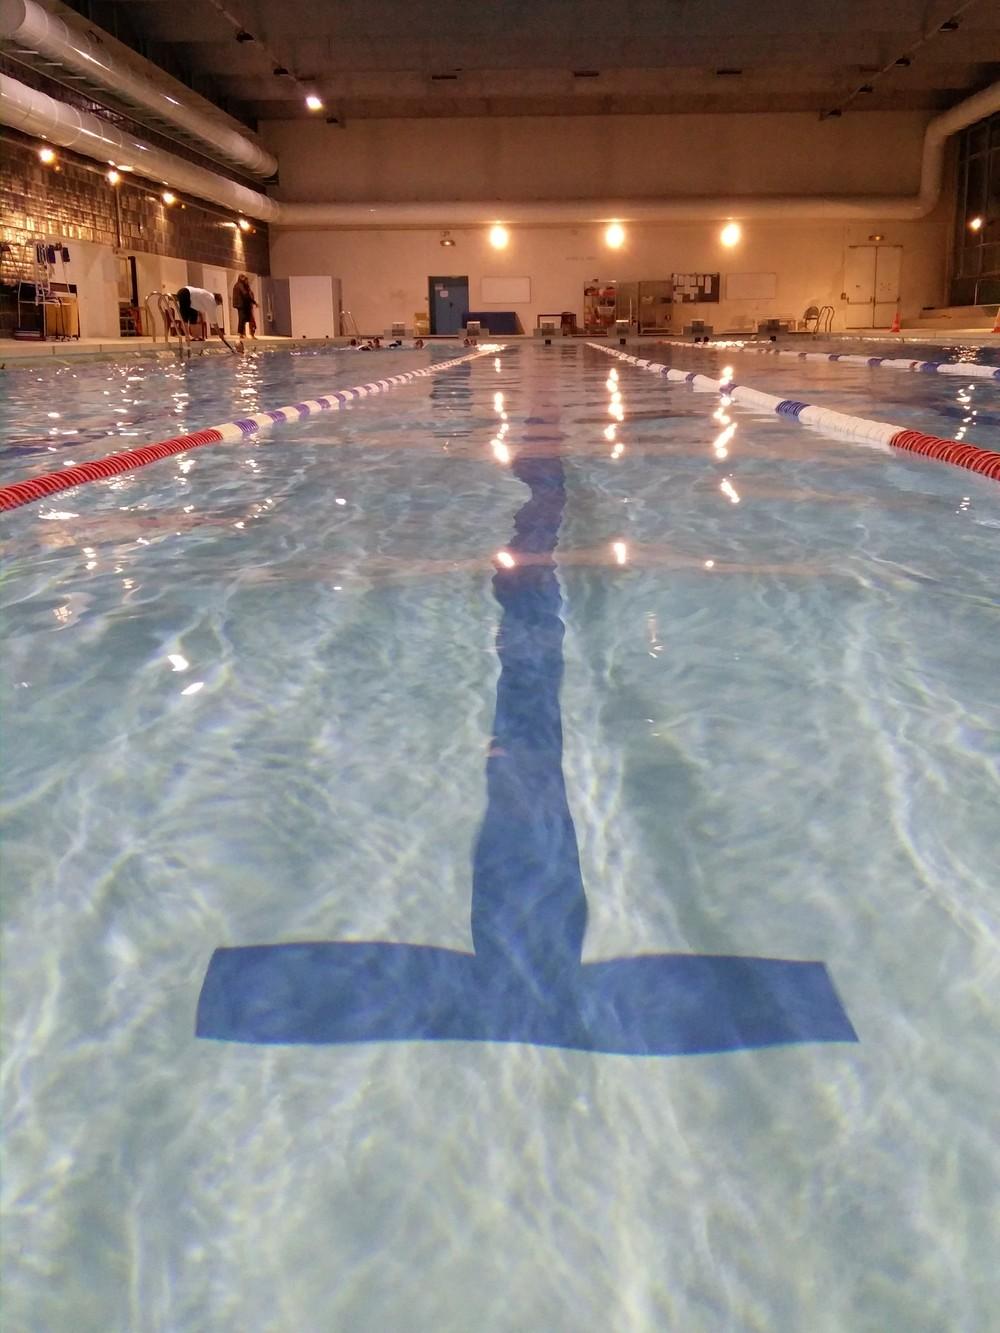 S ances piscine de nanterre universit page 7 21 - Piscine nanterre universite ...